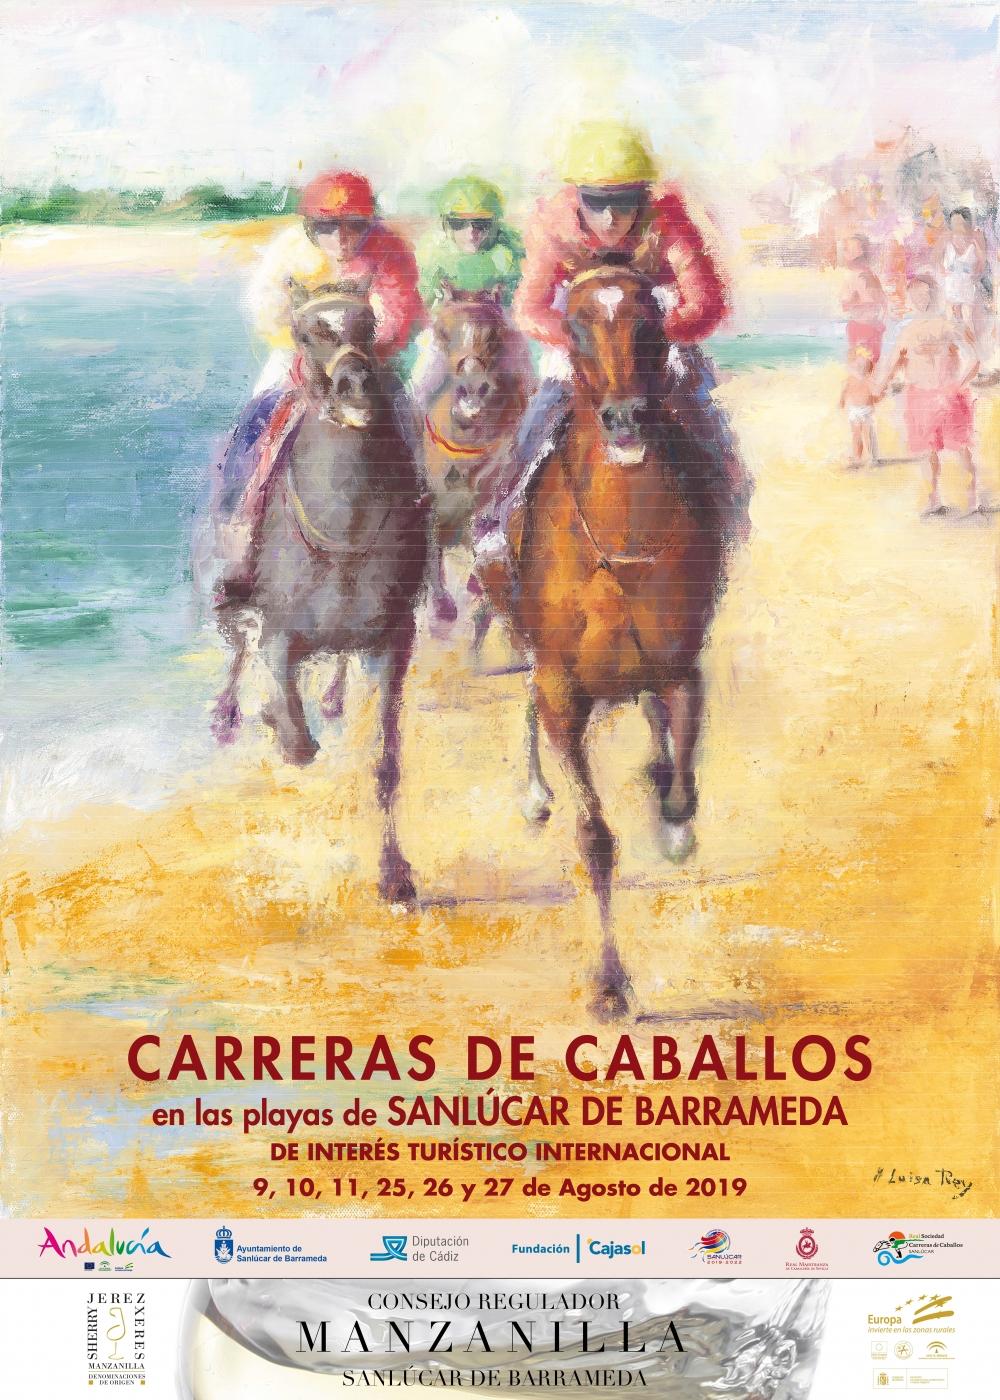 Las carreras de caballos en Sanlúcar son un espectáculo que tienes que vivir al menos una vez en la vida.